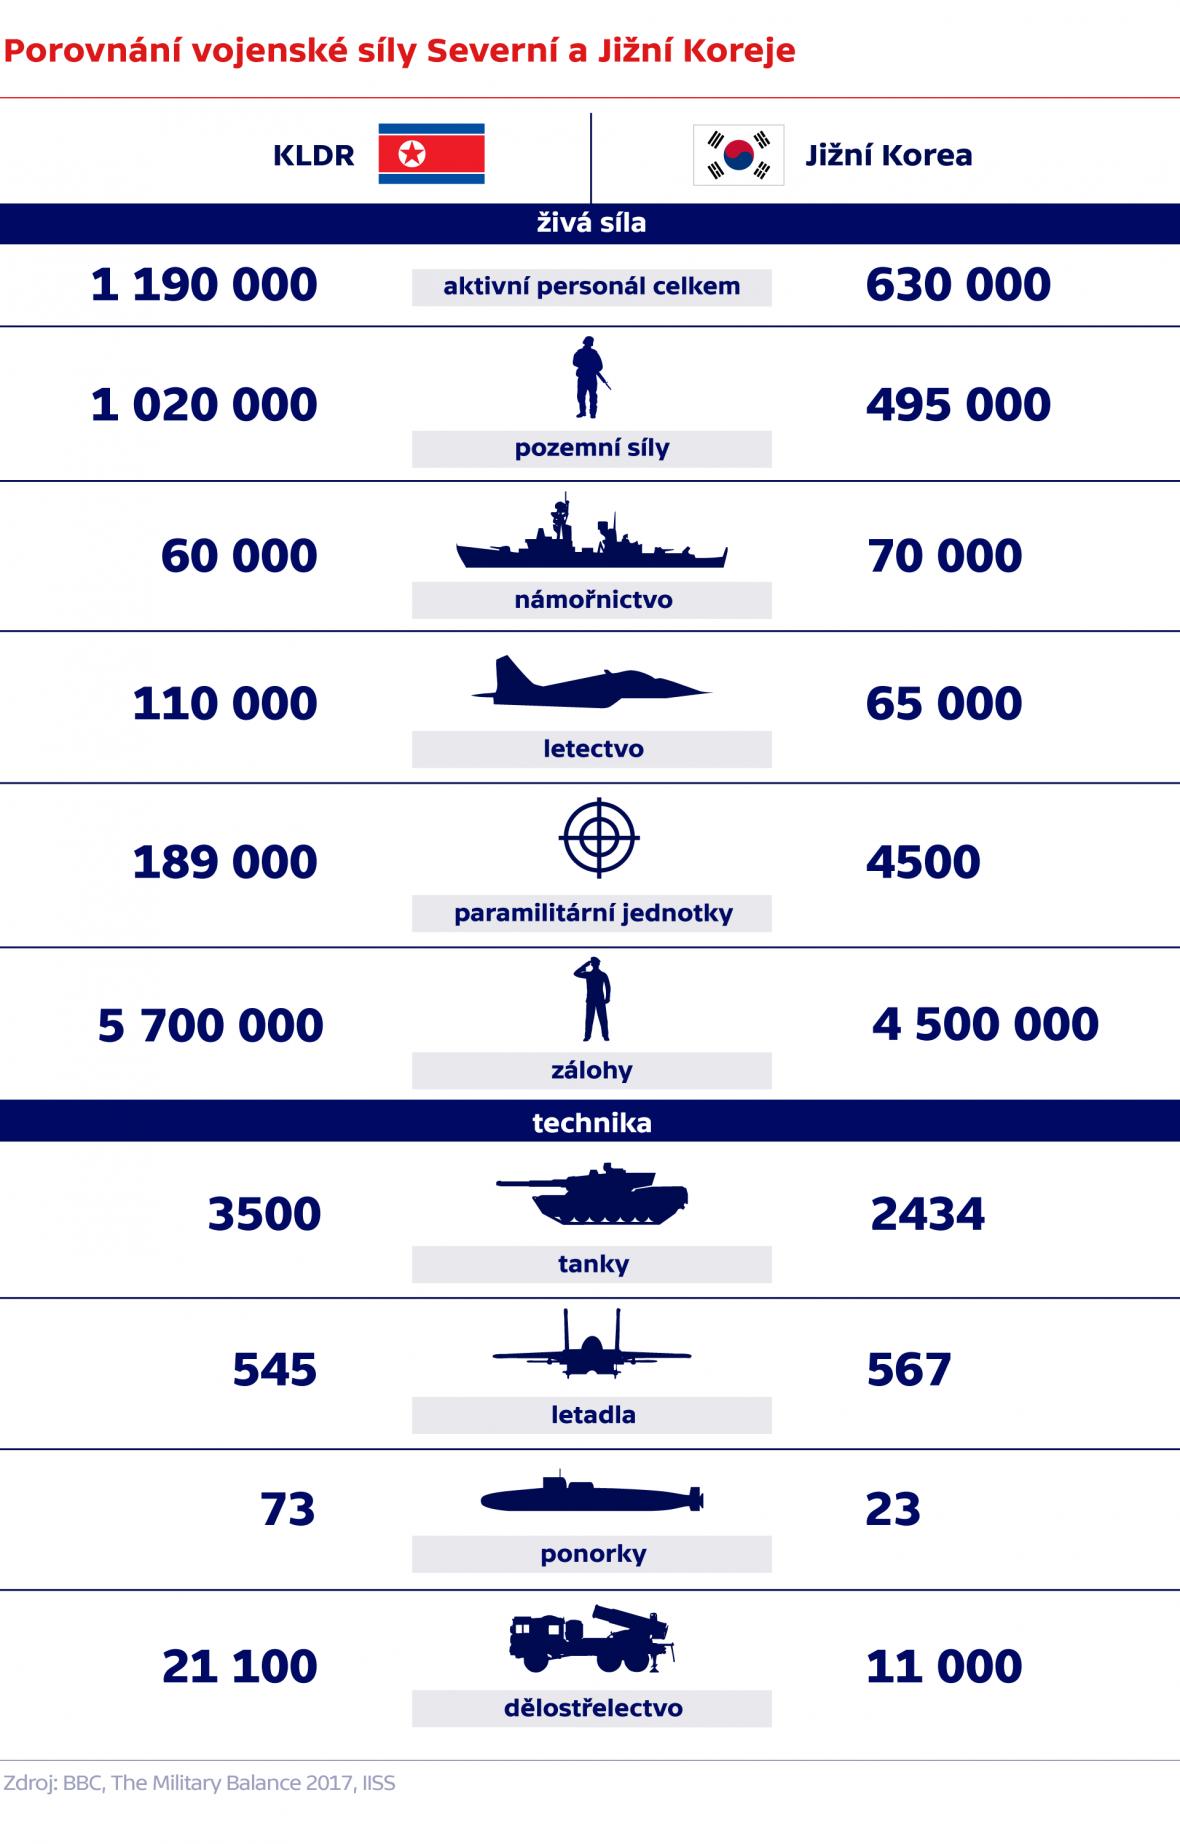 Porovnání vojenské síly Severní a Jižní Koreje